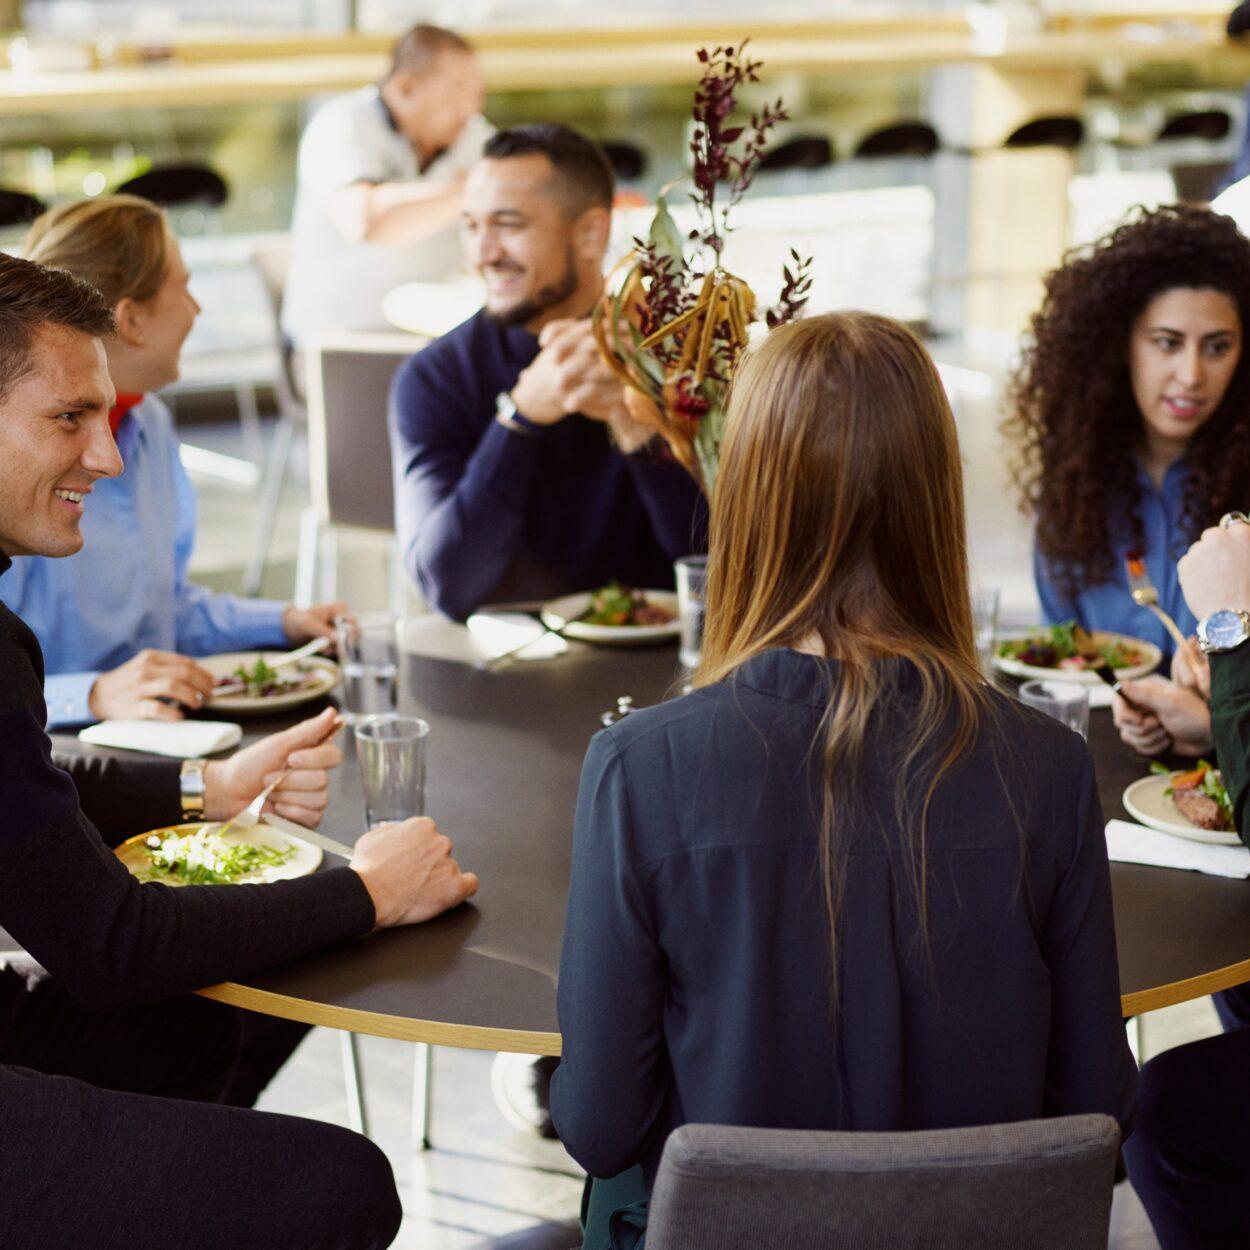 kontorfaciliteter - Lækker frokost i HUBNORDIC